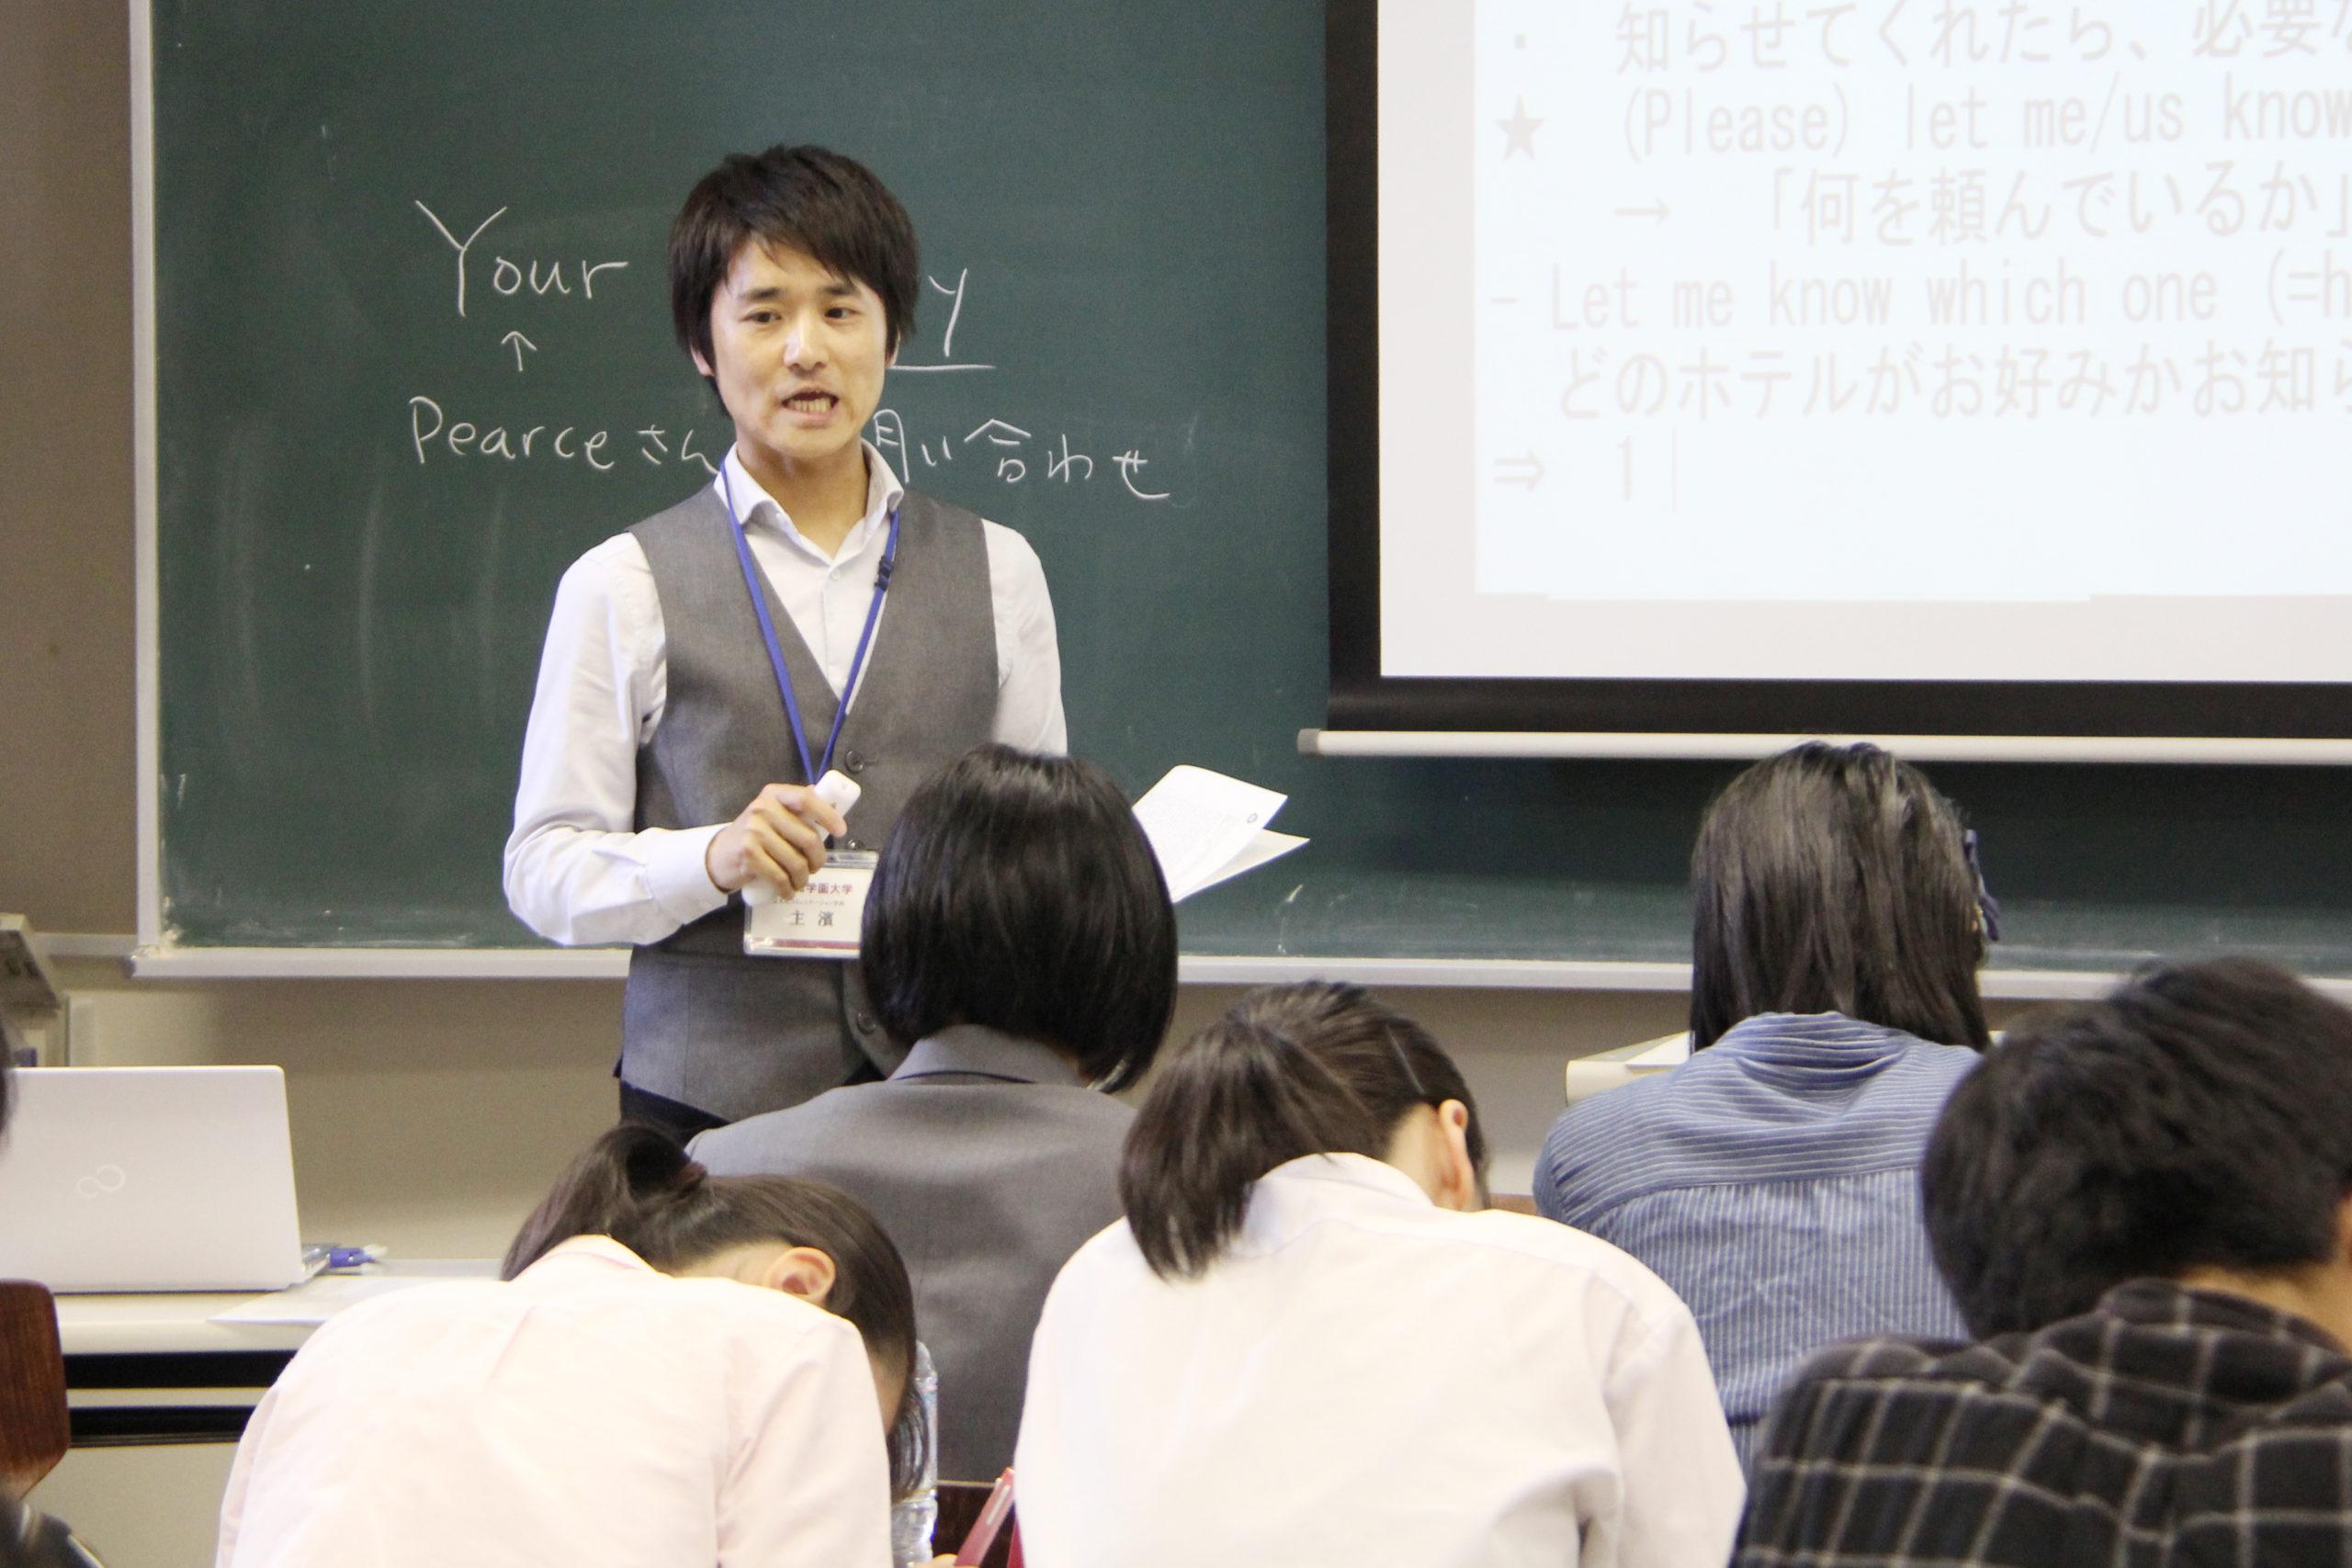 中学・高校生向け英検対策講座のご案内(5月8日)